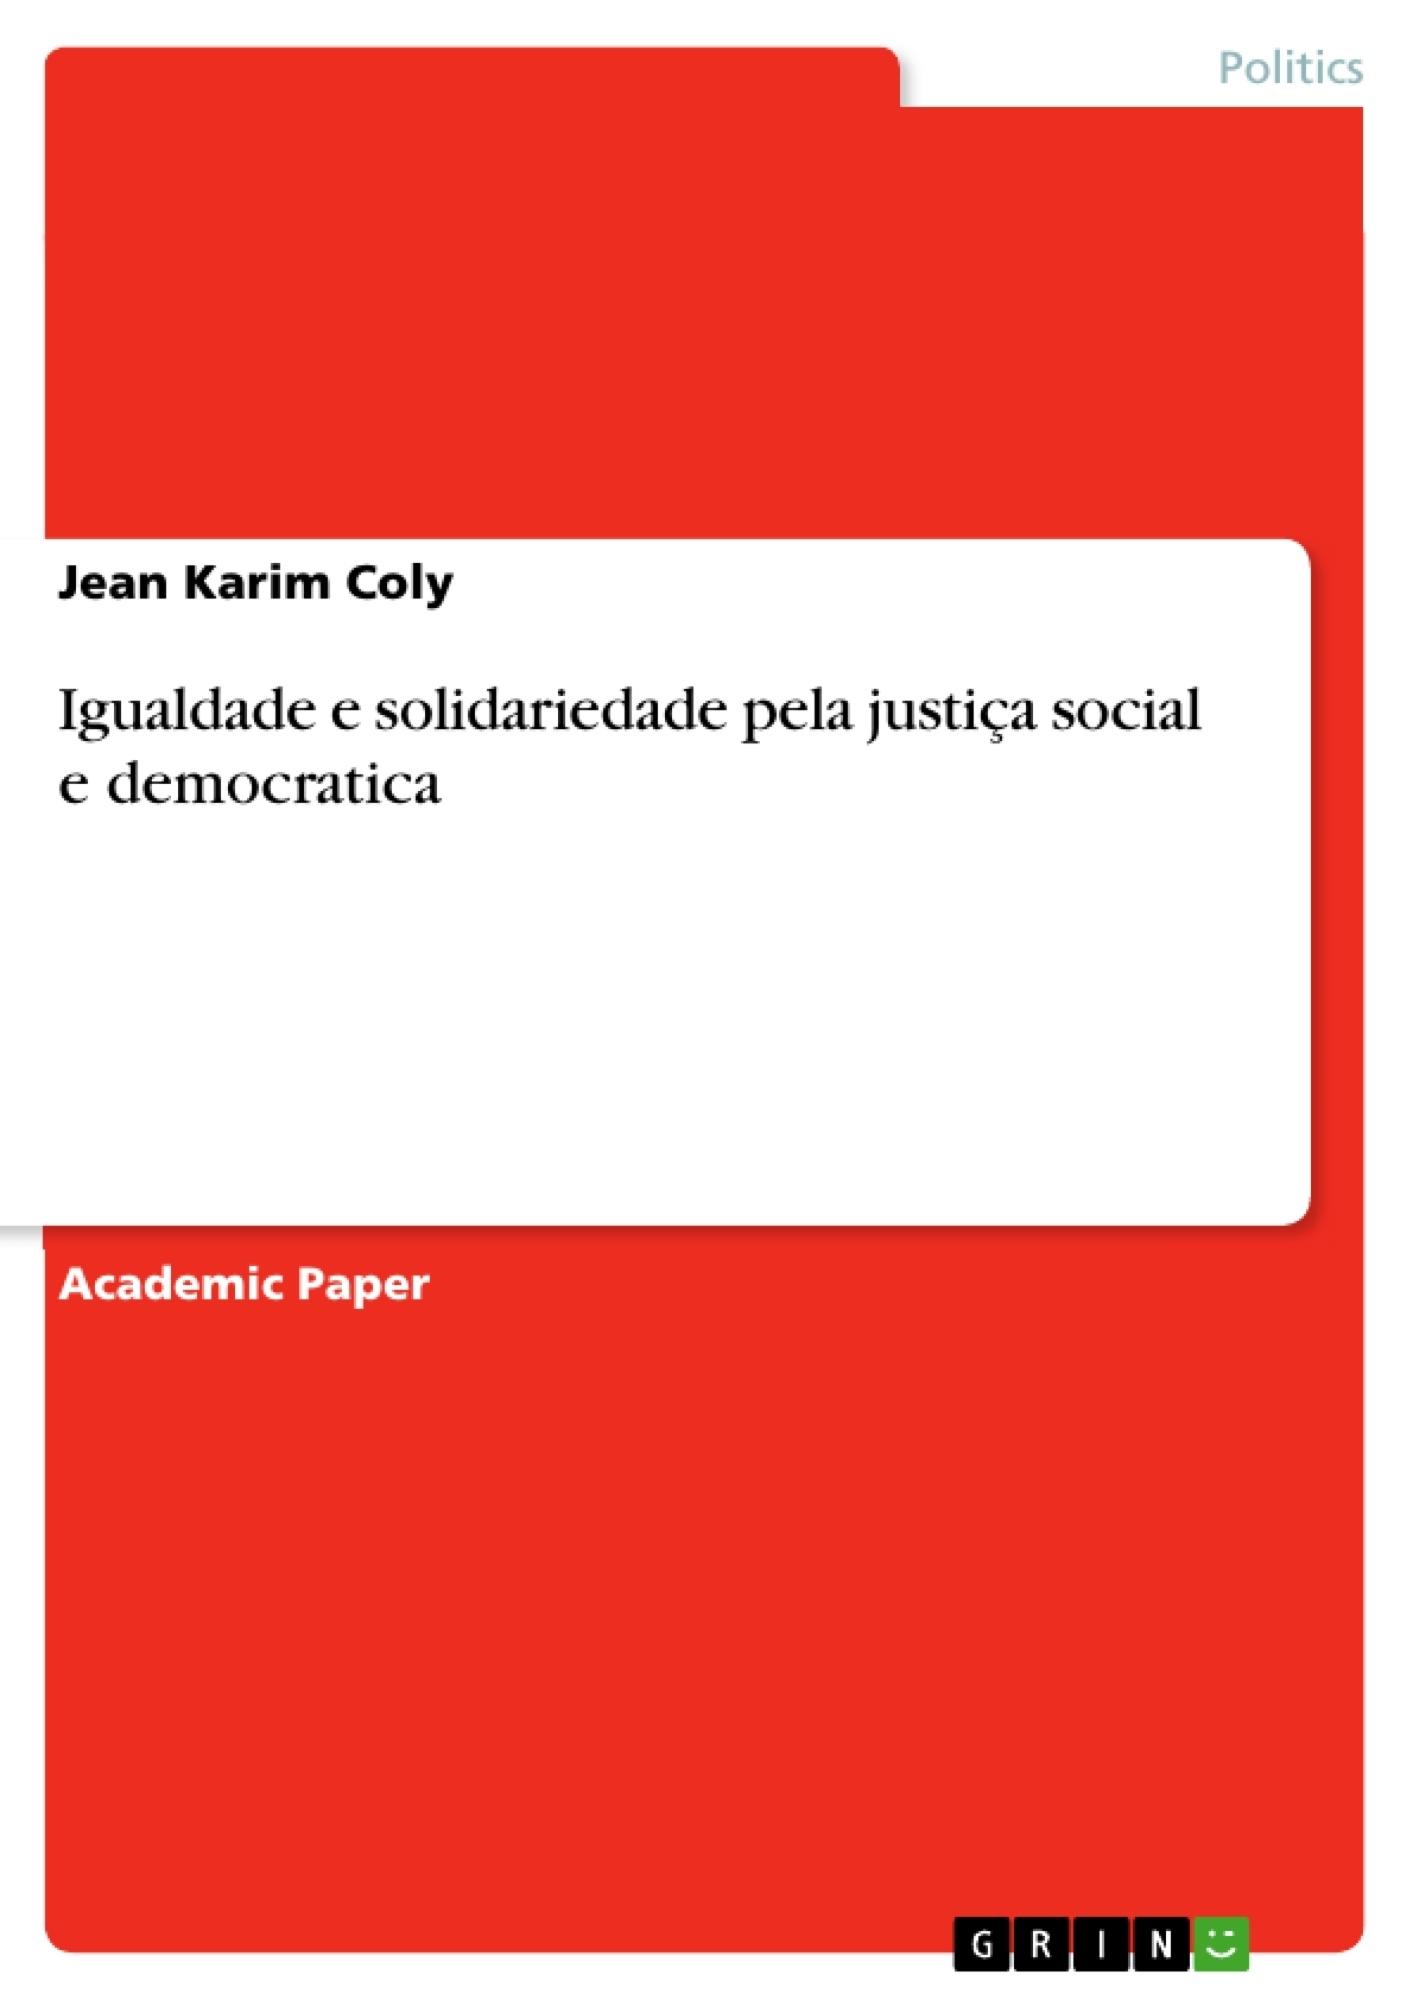 Title: Igualdade e solidariedade pela justiça social e democratica